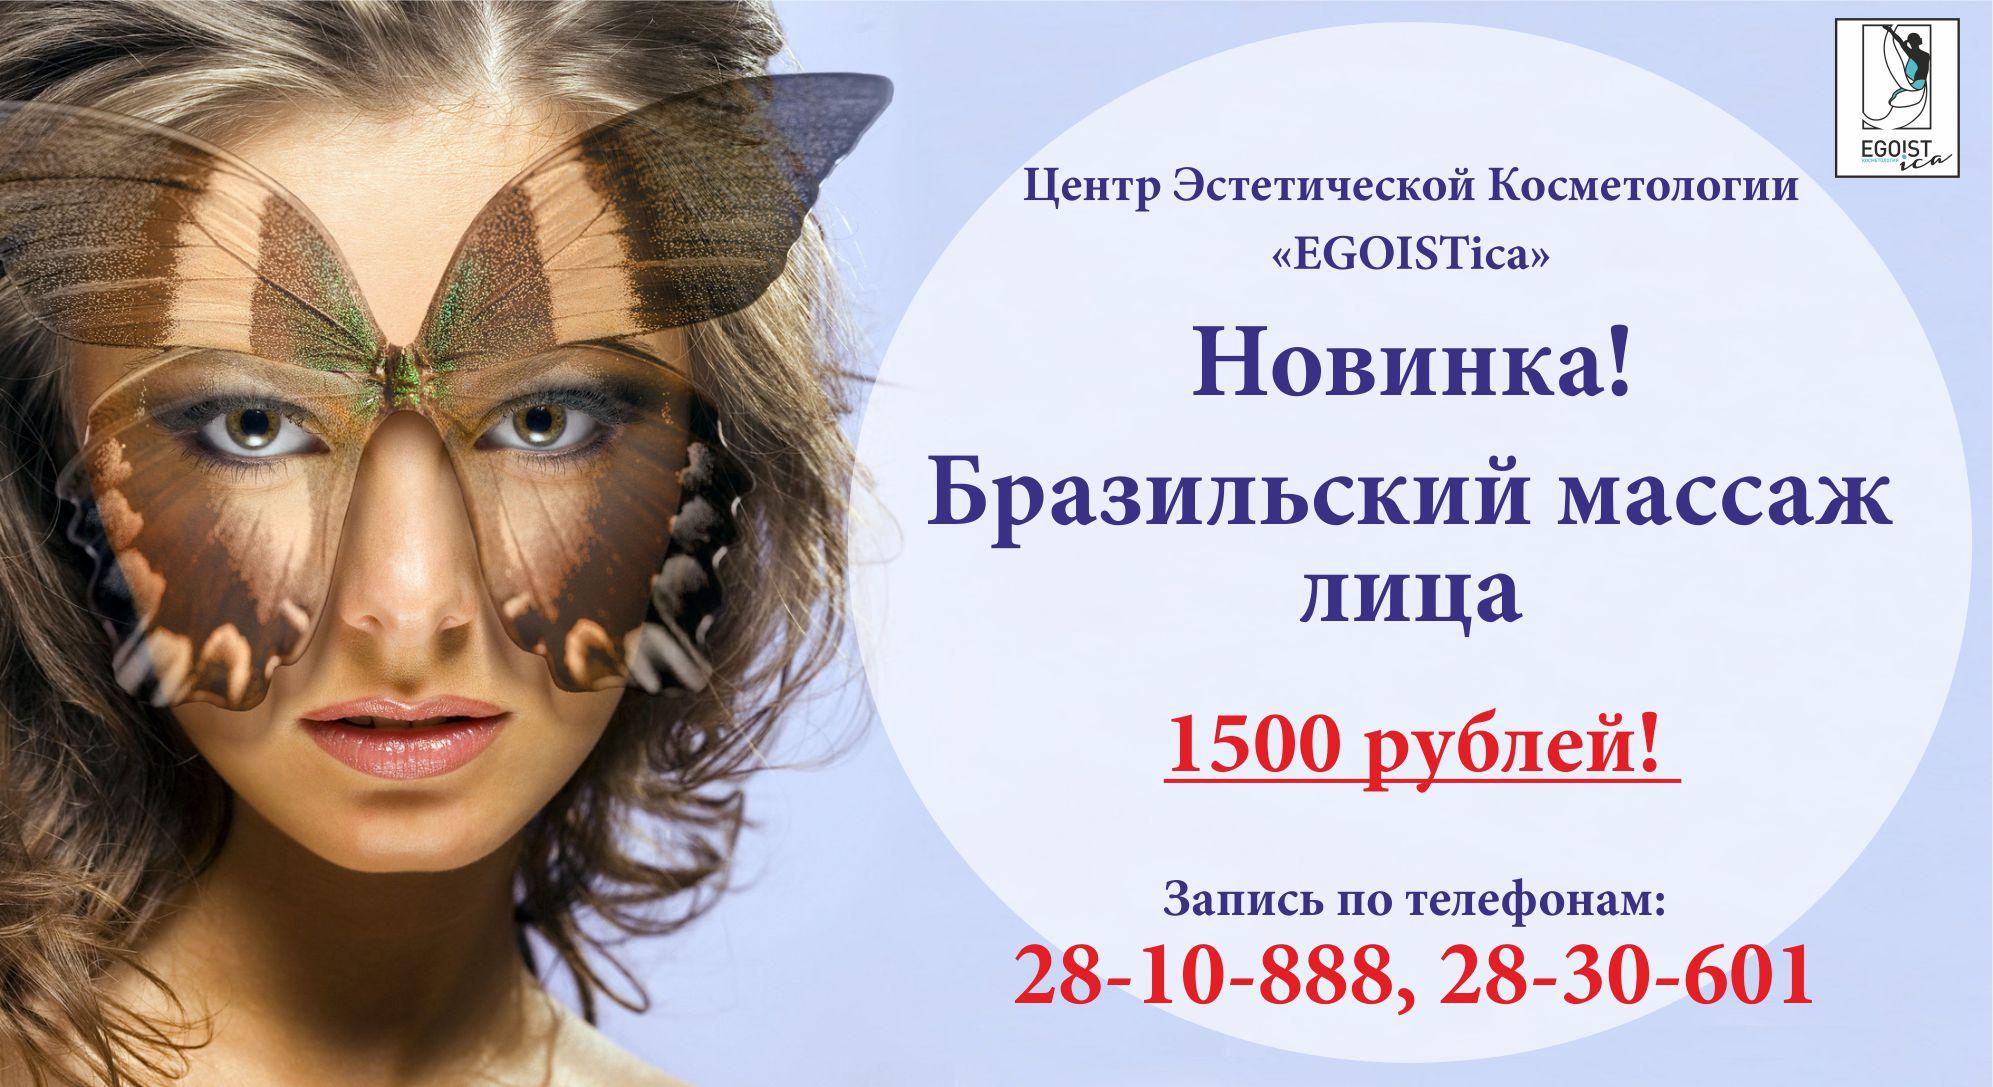 В Центре Эстетической Косметологии EGOISTica НОВИНКА